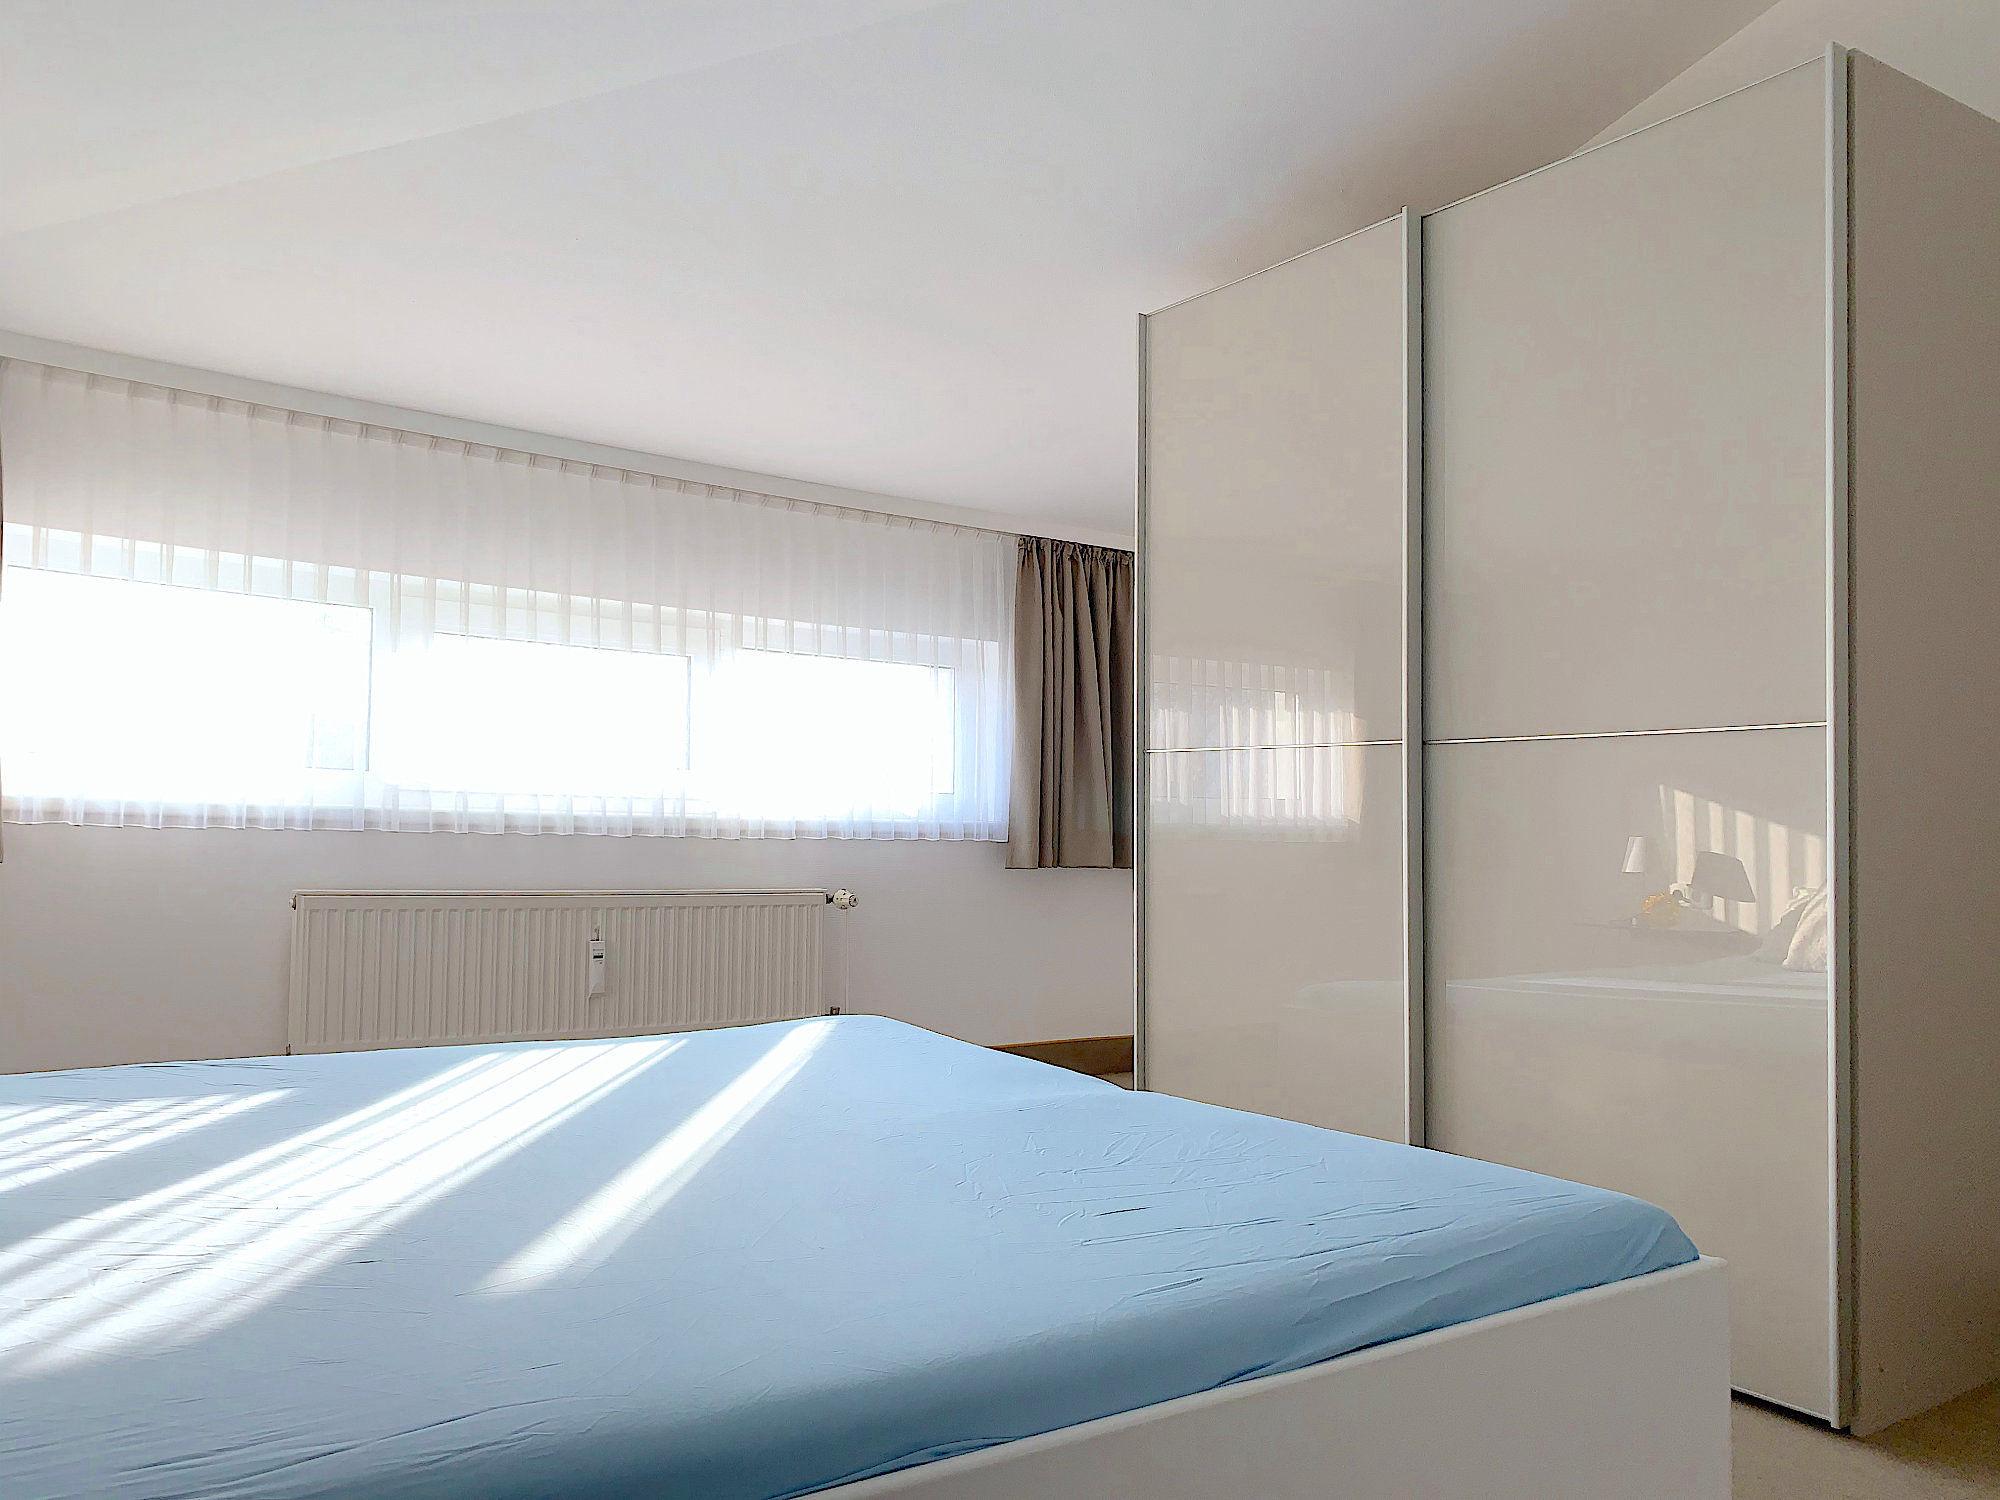 Schlafzimmer mit Doppelbett, rechts davon ein großer Kleiderschrank mit Schiebetüren, im Hintergrund ein breites Fenster